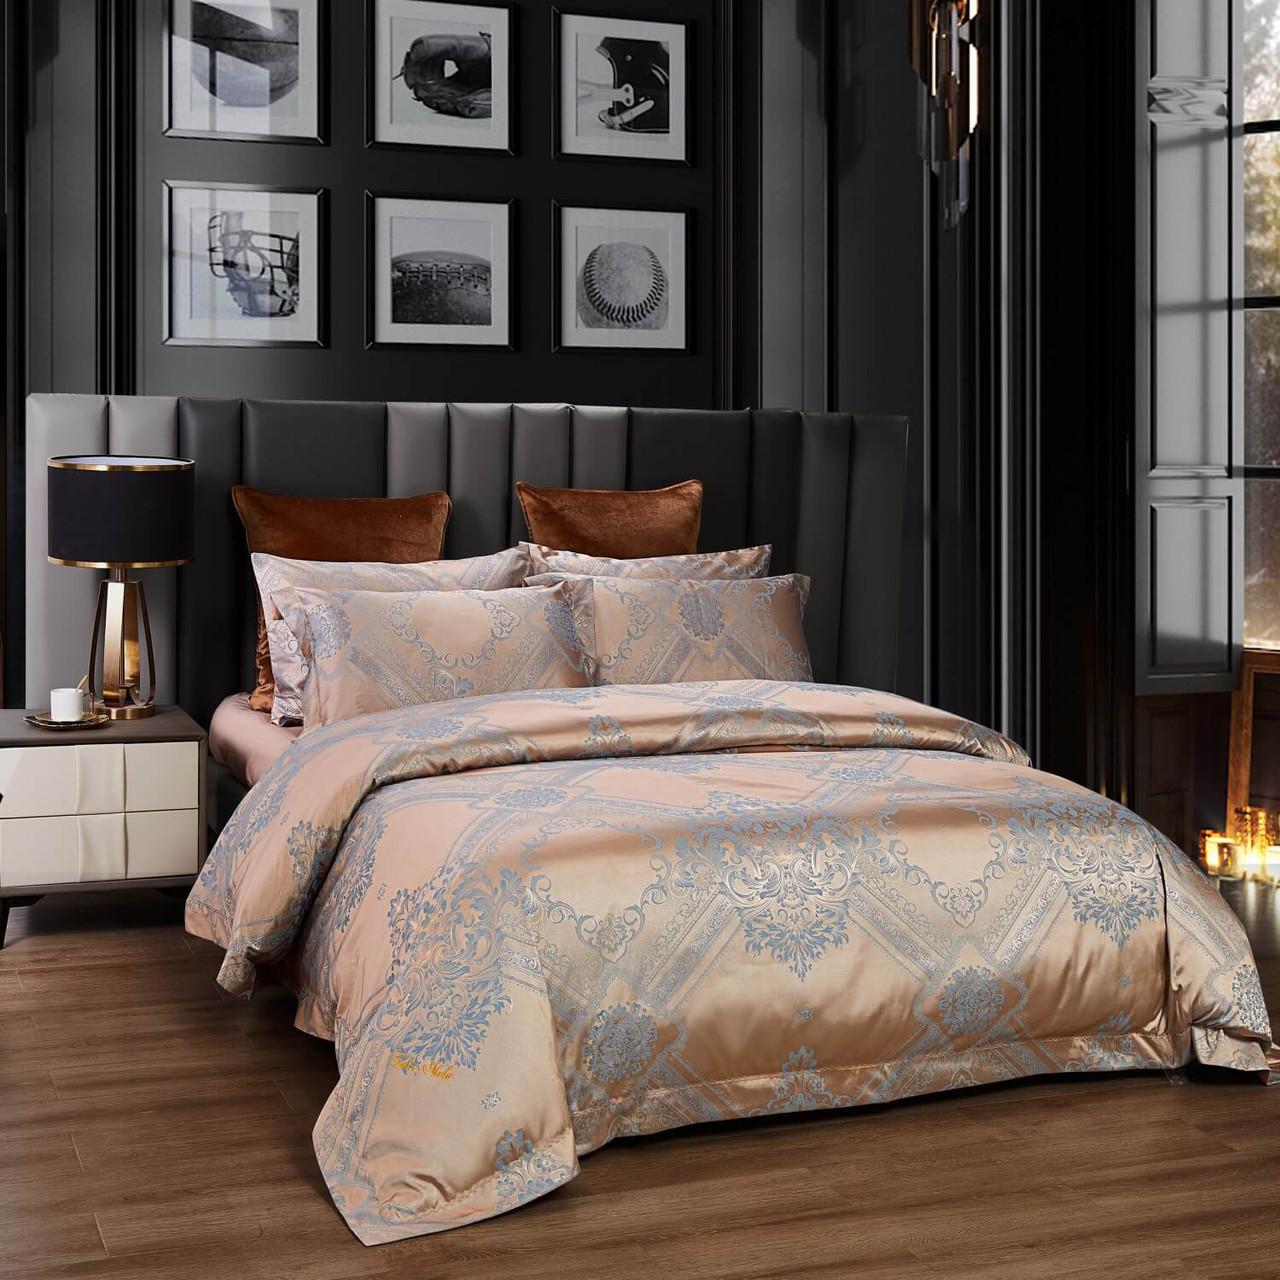 DM810Q - 6 Pieces Luxury Jacquard Queen Size Duvet Cover Set  - Nantes by Dolce Mela